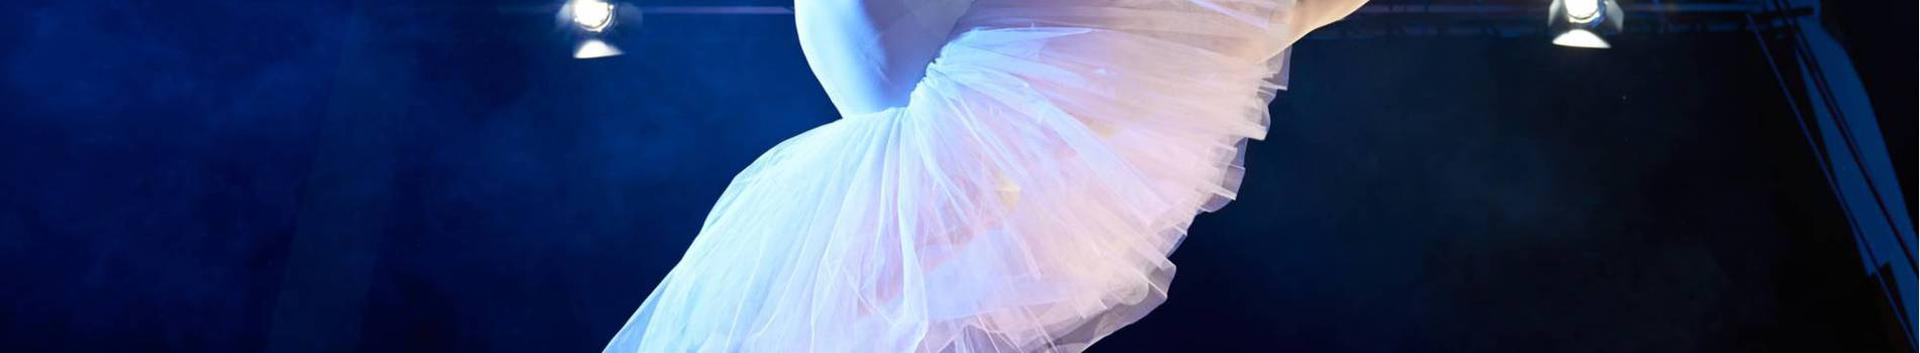 90011_teatri-ja-tantsuetenduste-tegevused_18026873_xl.jpg